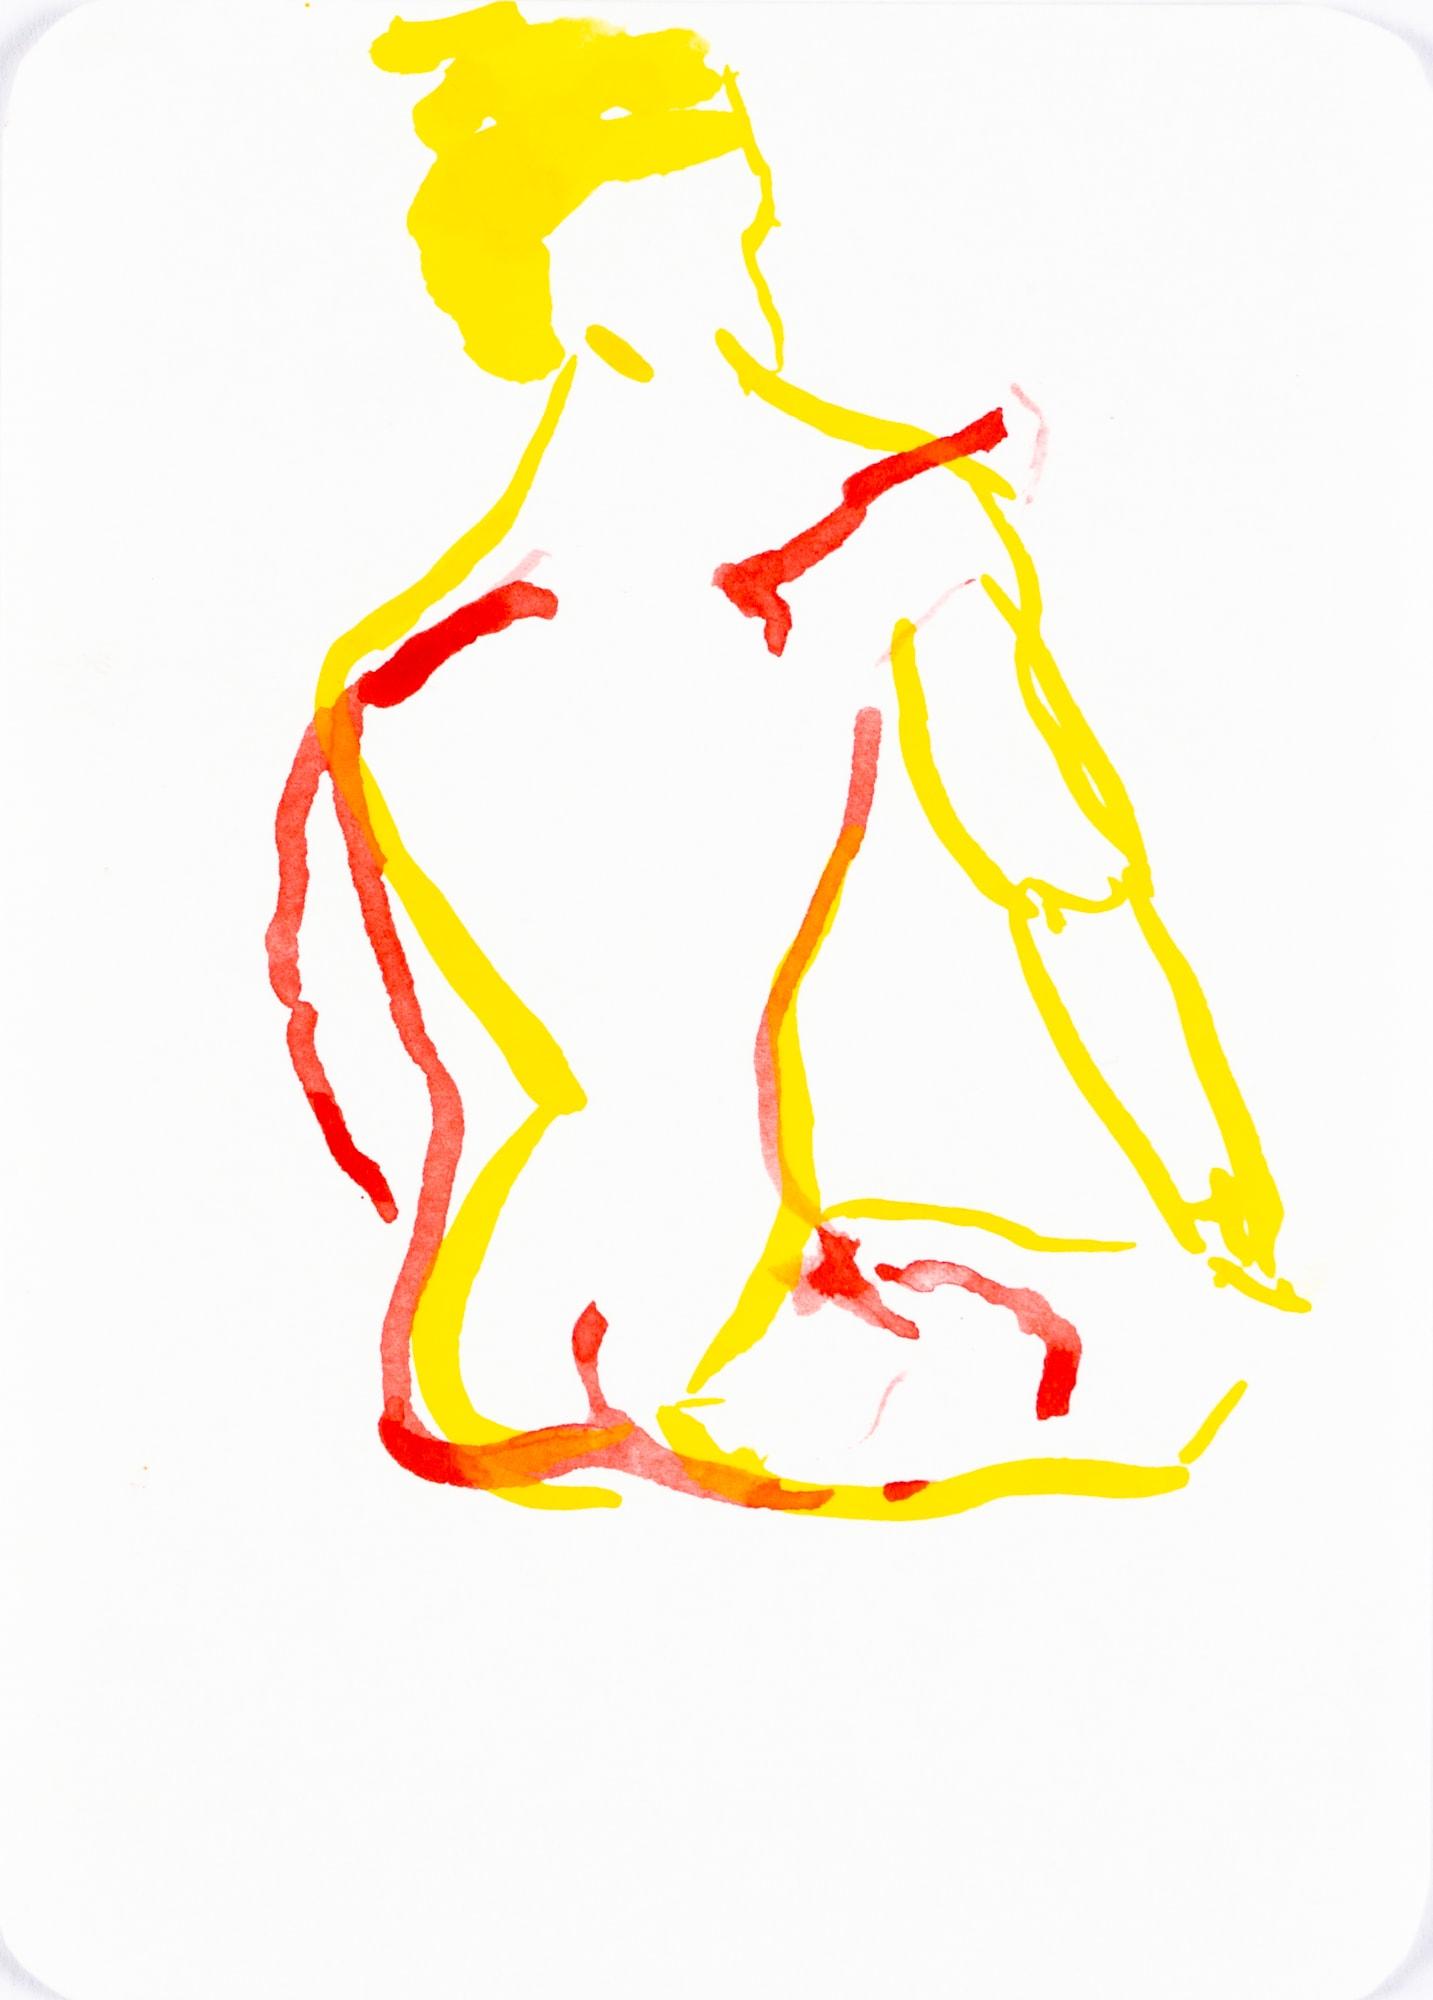 Zeichnung, Tusche auf Papier, 10,5x14,8cm, Akt, Künstlerin: Franziska King